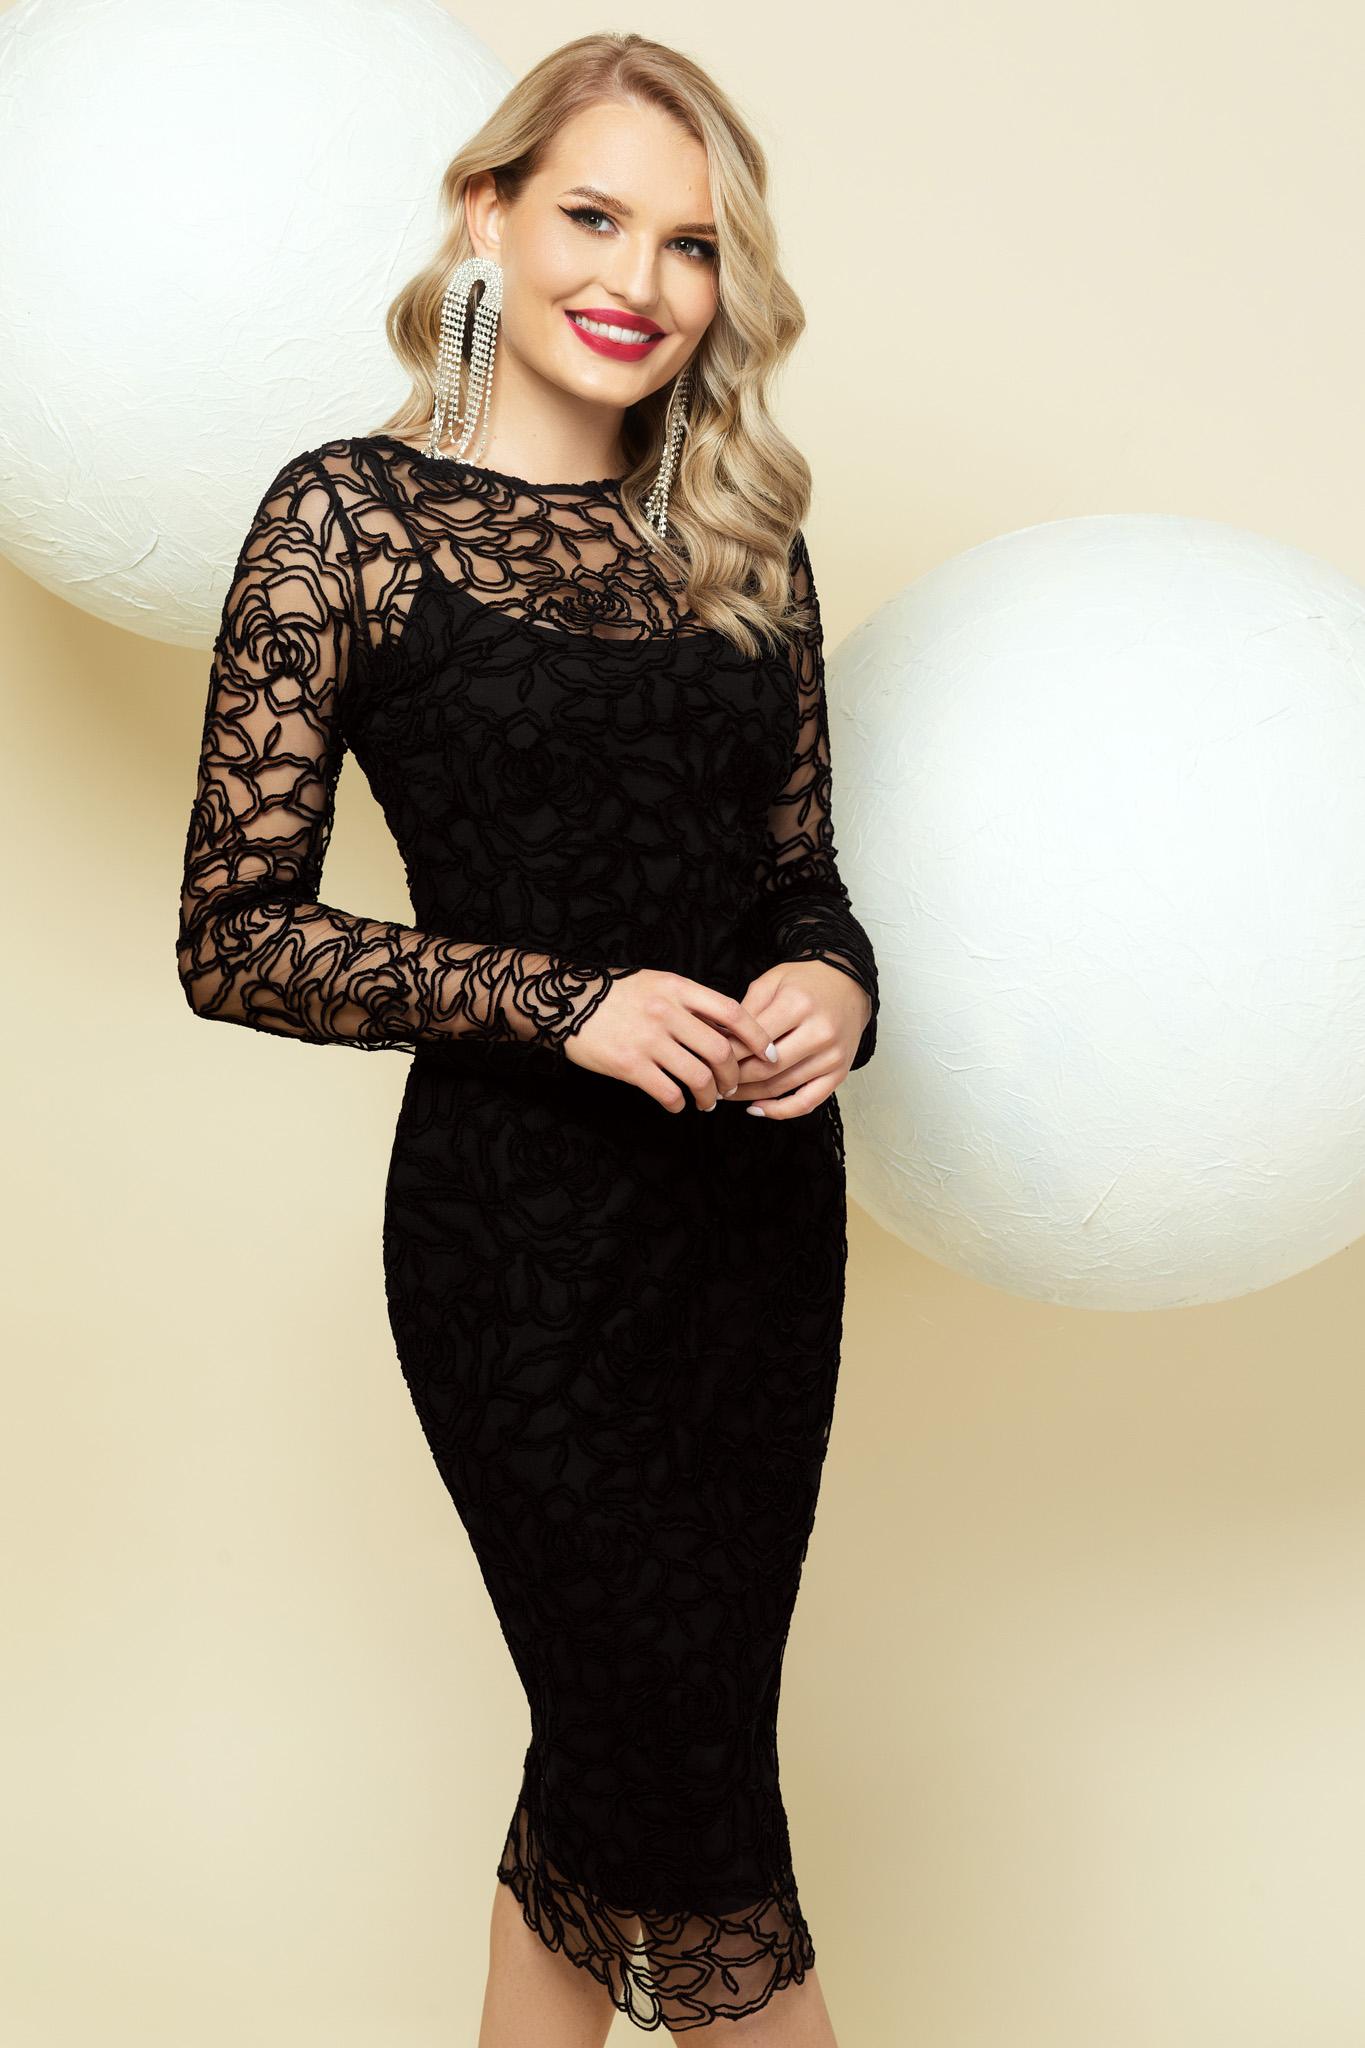 Fekete alkalmi midi szűk szabású ruha csipkés átfedéssel